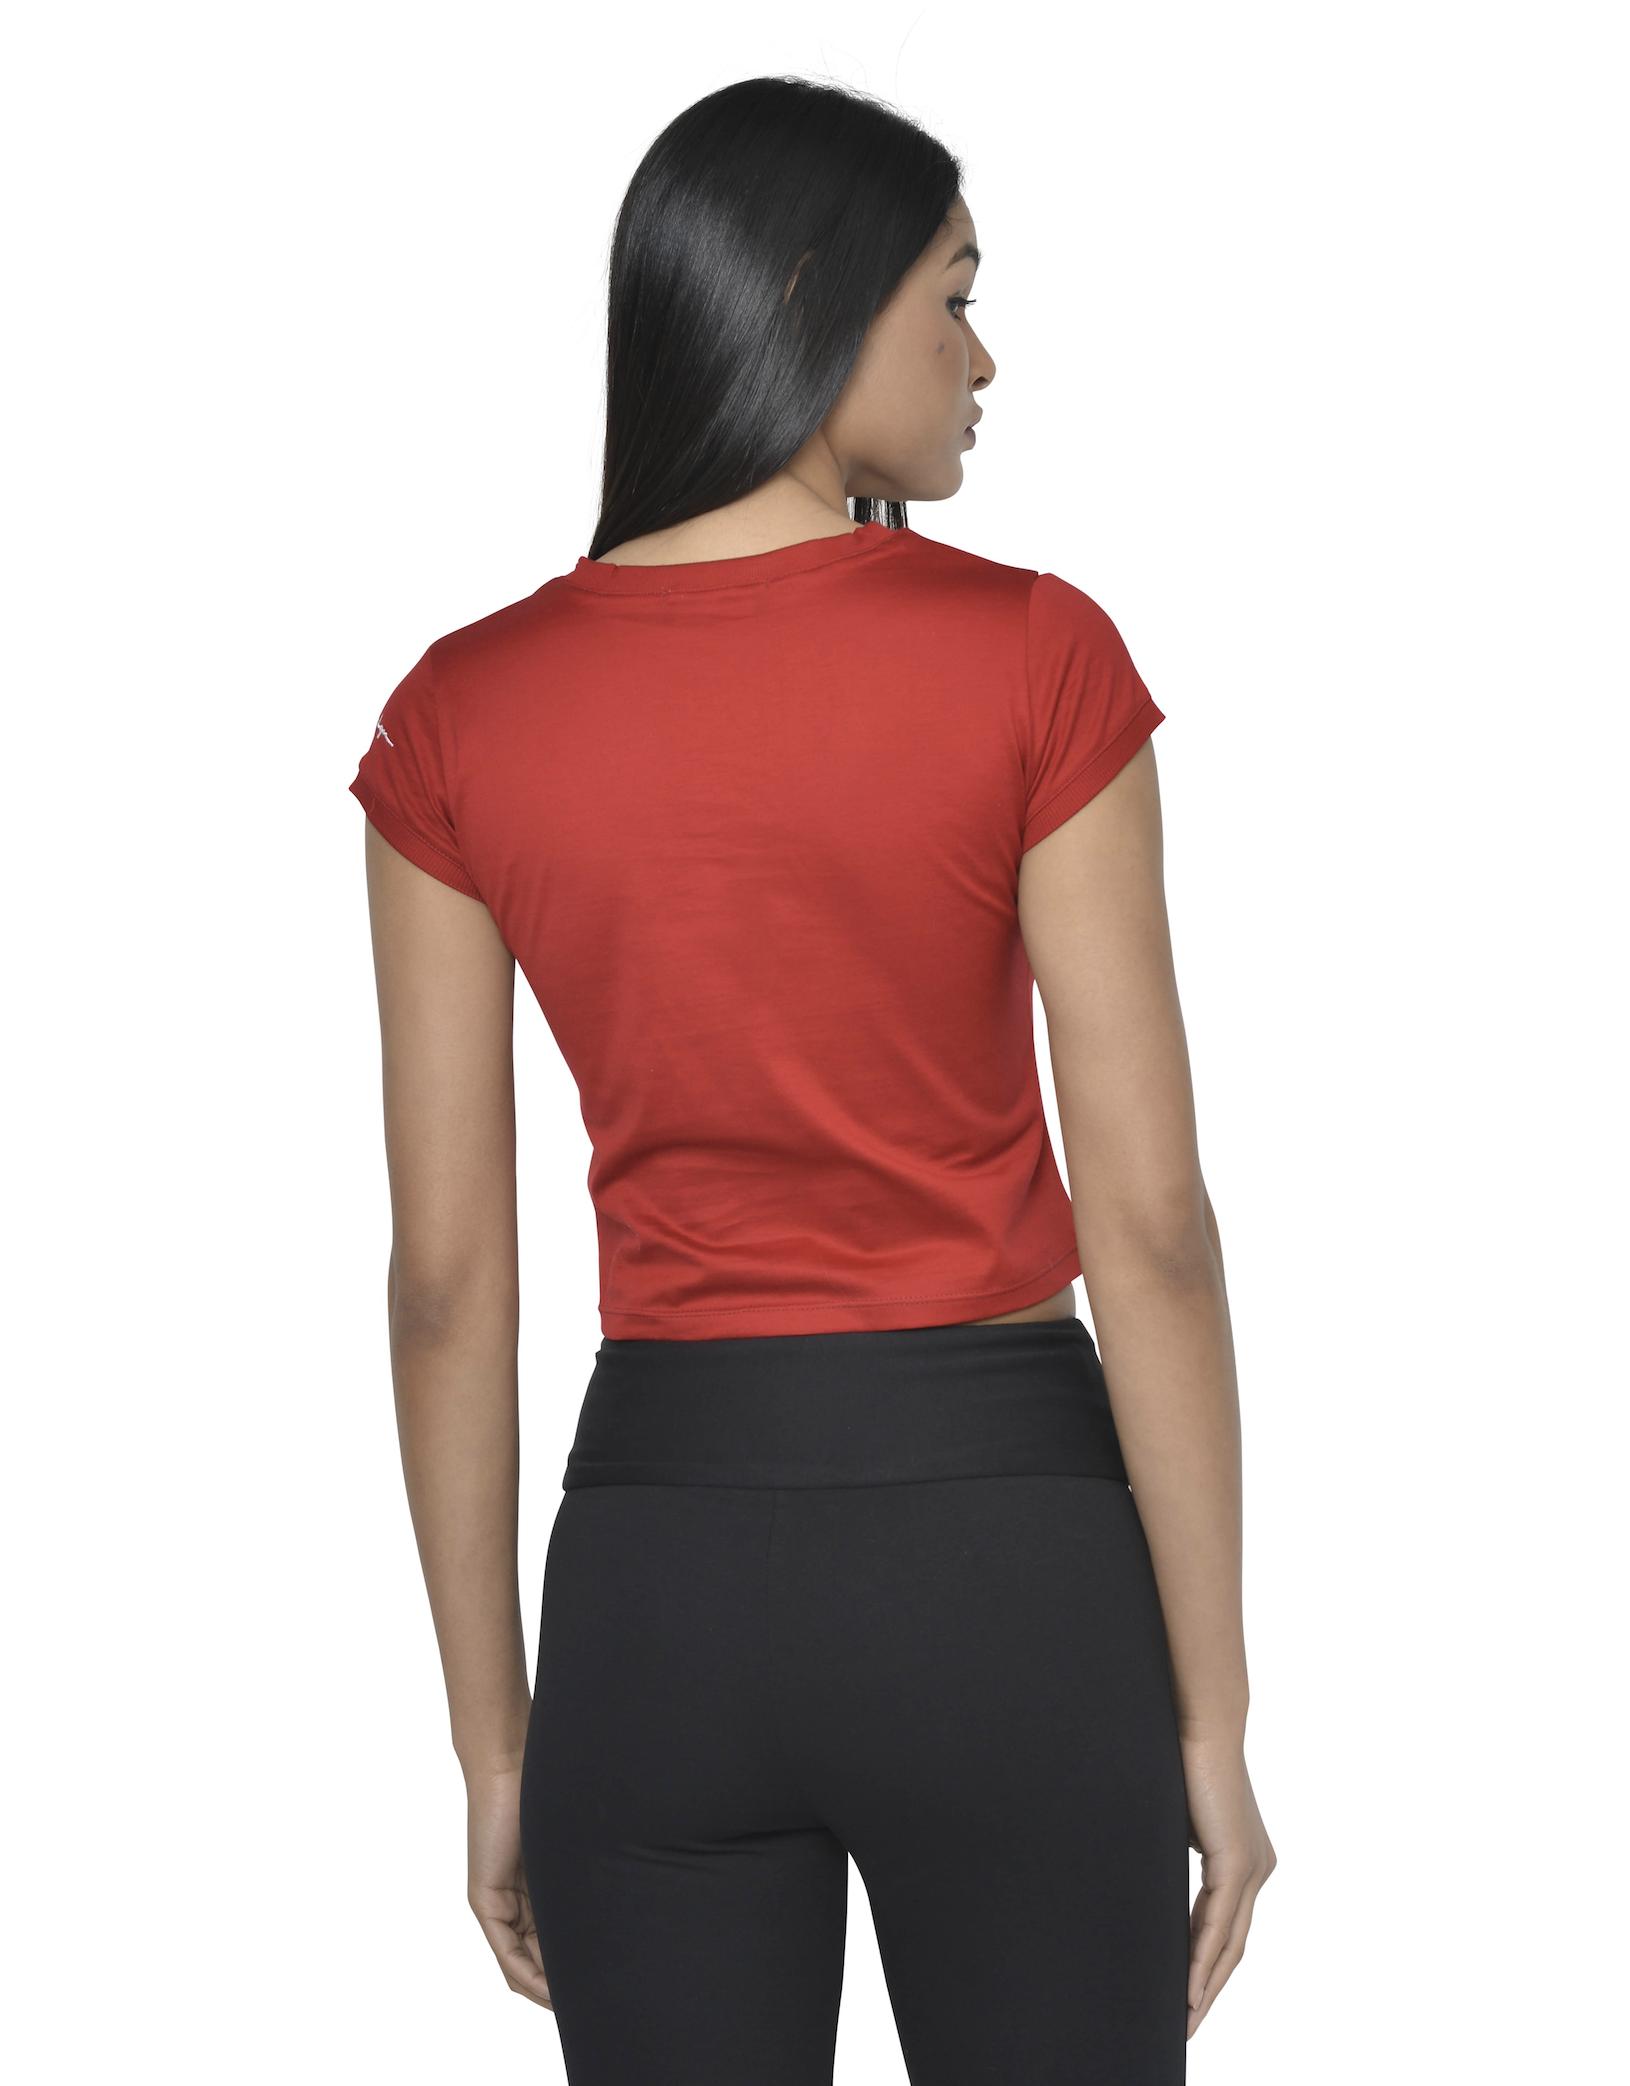 T-Shirt LISIANTO I 1